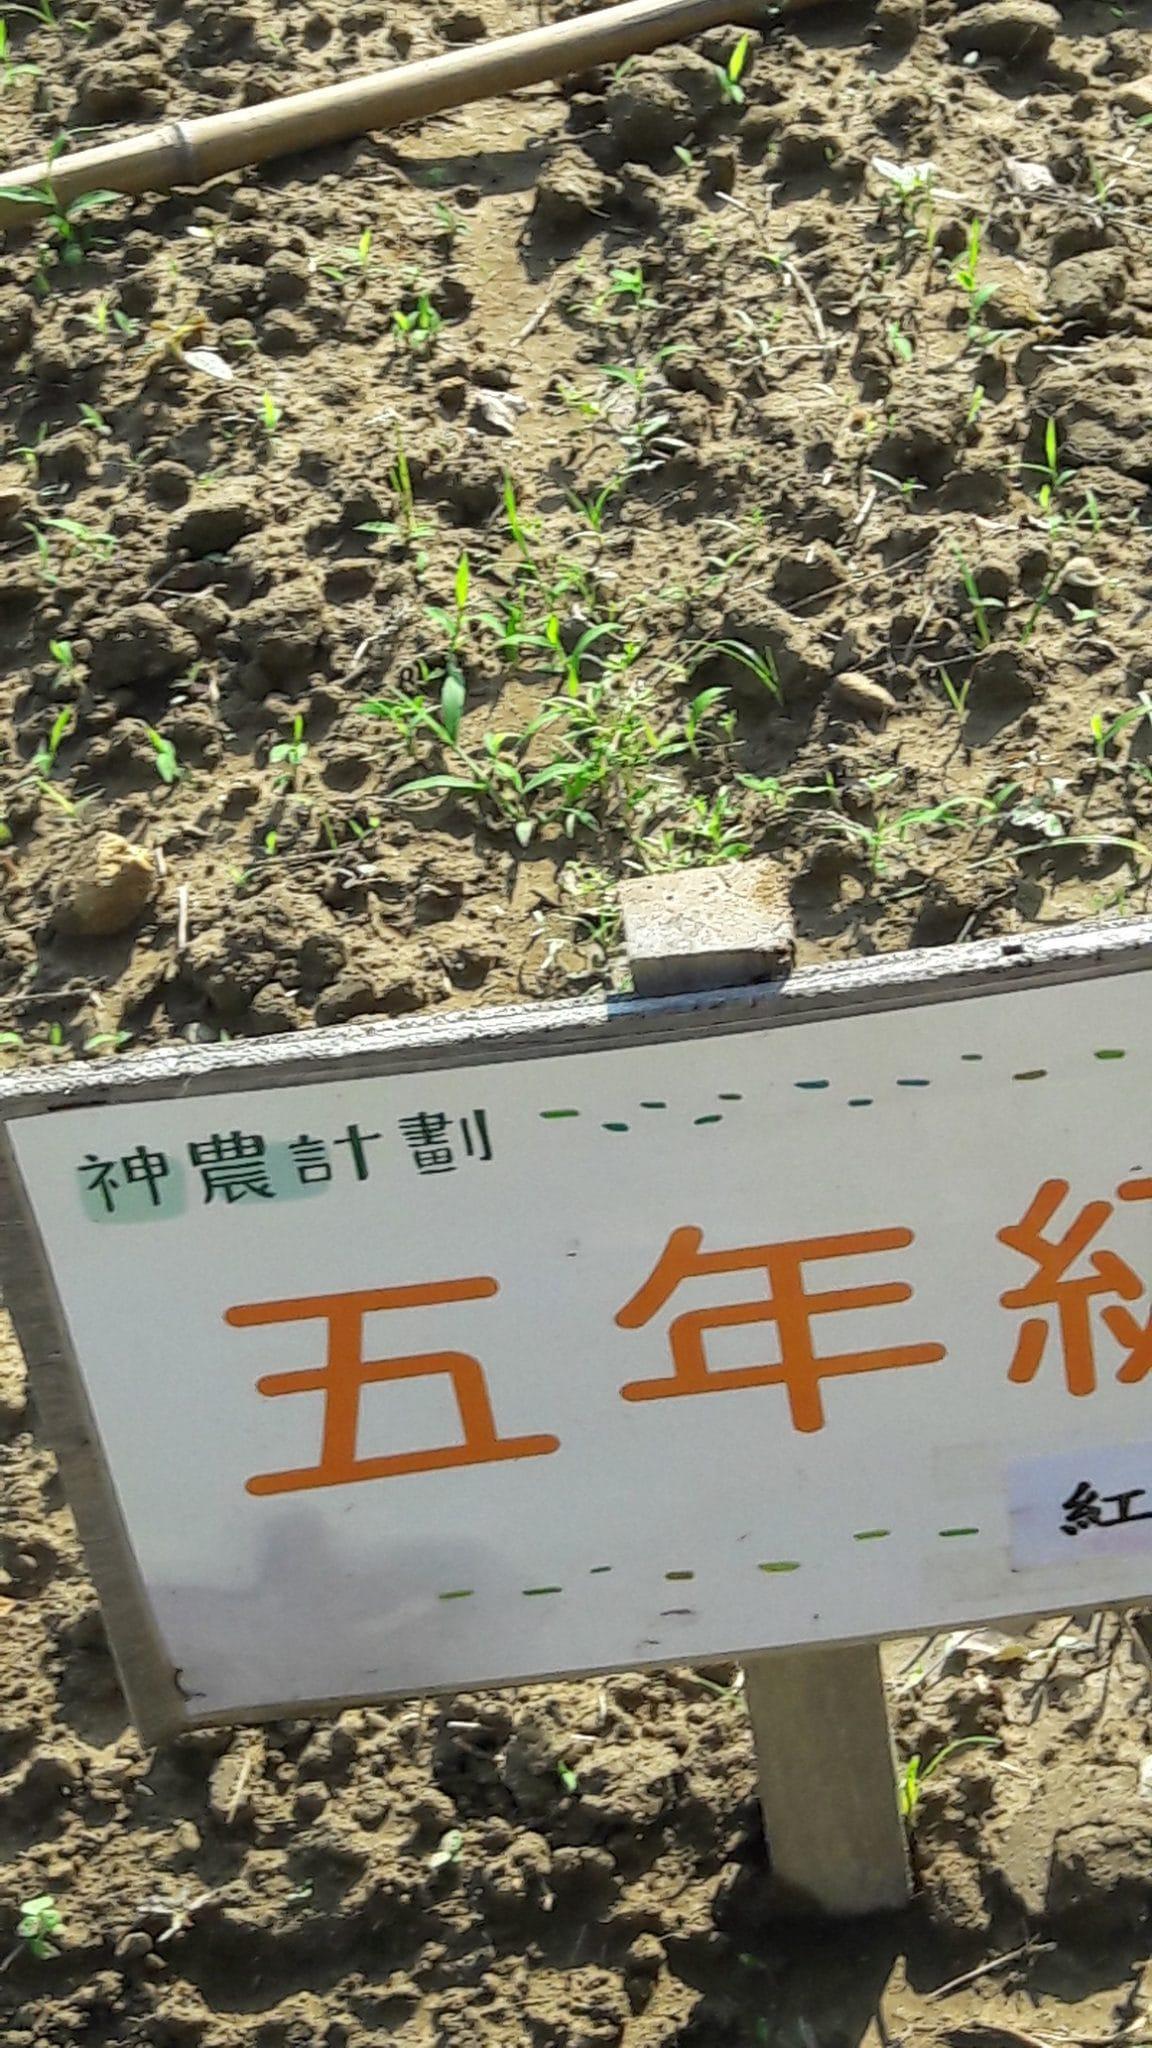 105.11.8五甲紅蘿蔔生長情形